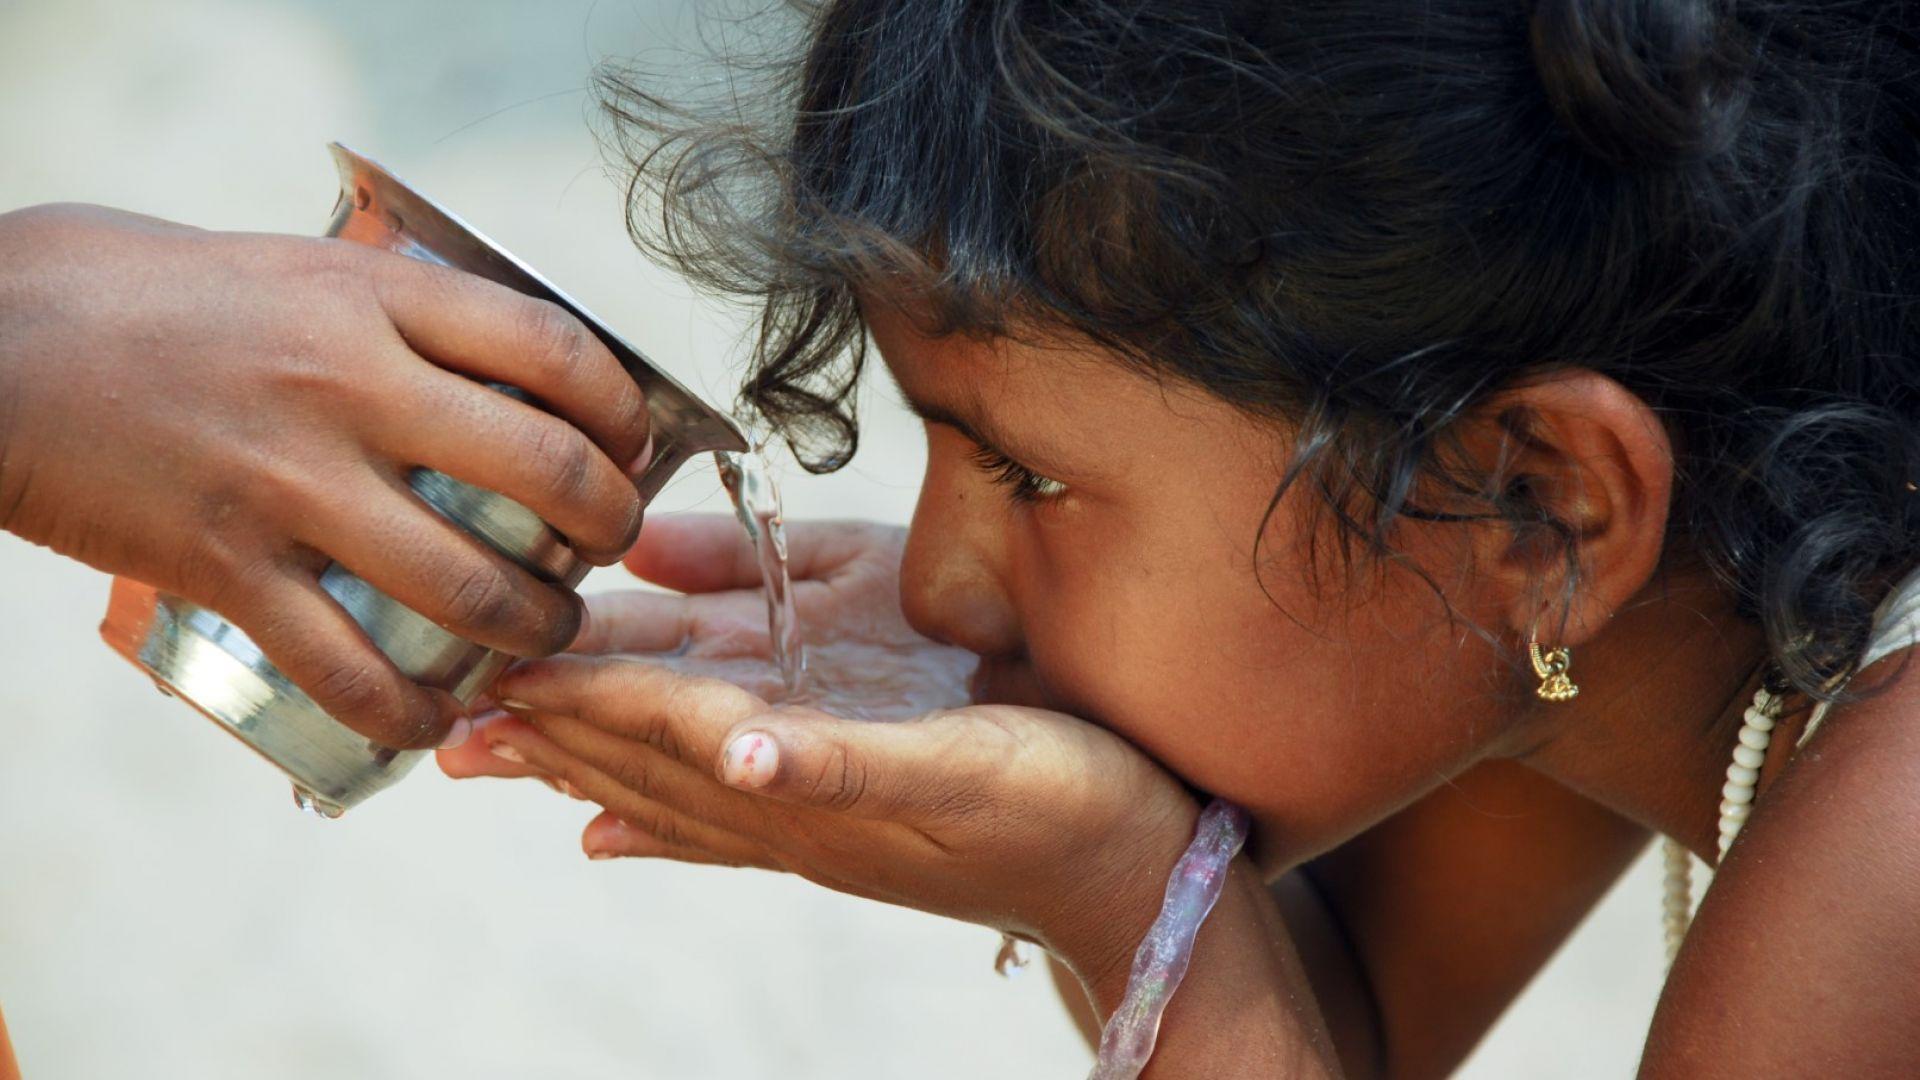 Климатичните войни започнаха - загинали и ранени в сблъсъци за вода